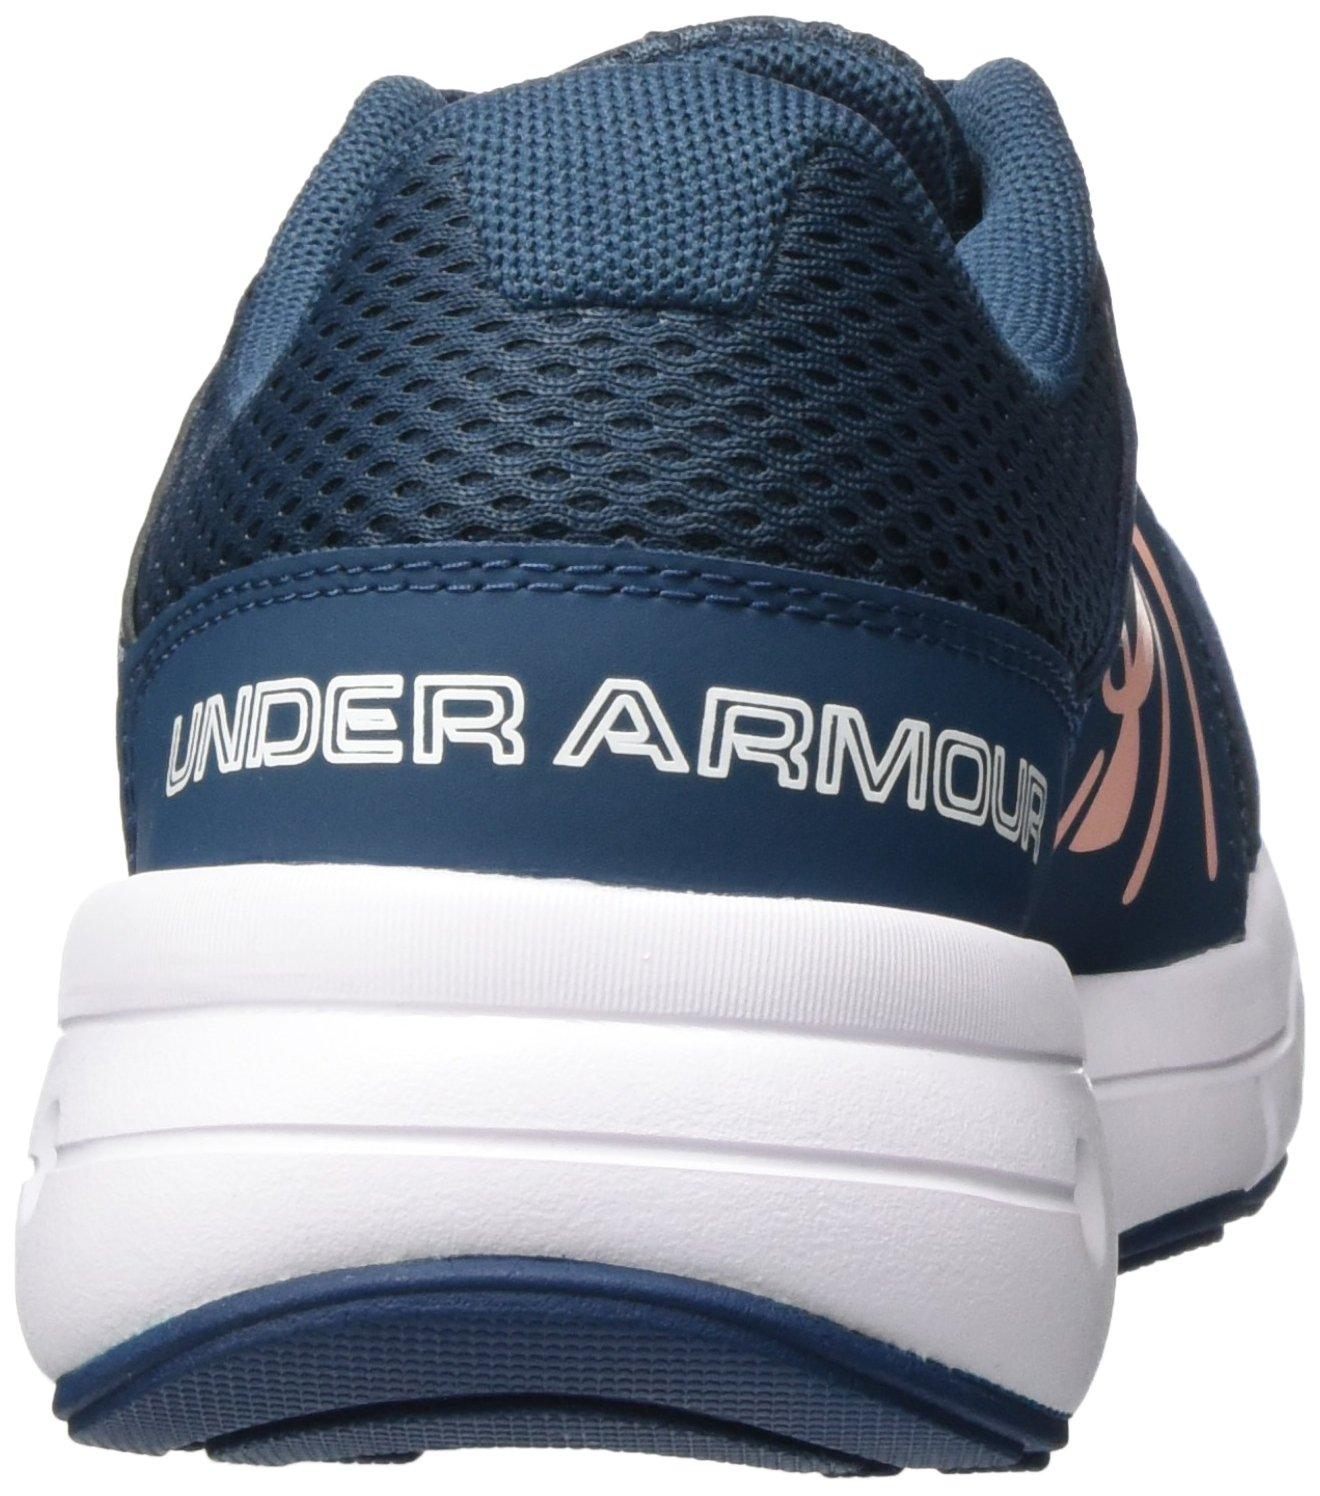 Under Armour Women's Dash 2 Running Shoe B01MTZZBK8 6 B(M) US True Ink/White/Pink Sands